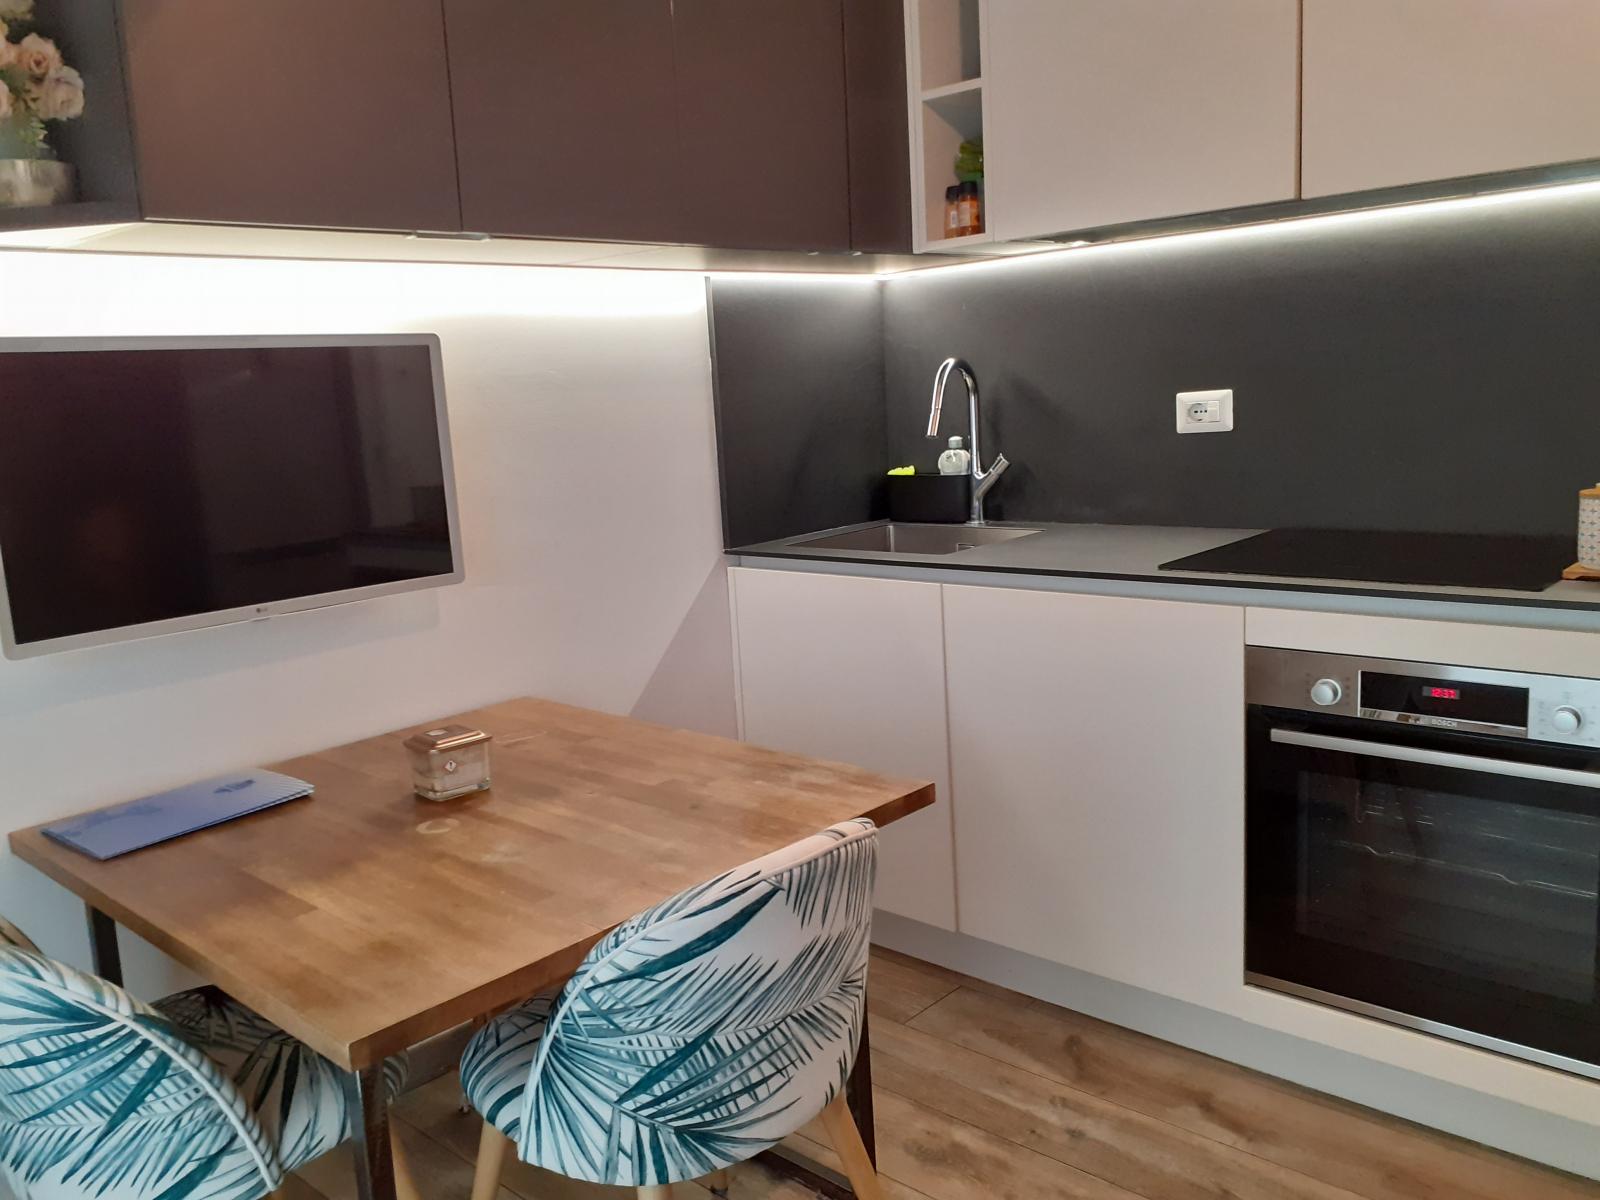 appartamento-open-space-milano-via-broggini-baggio-spaziourbano-immobiliare-vende-6